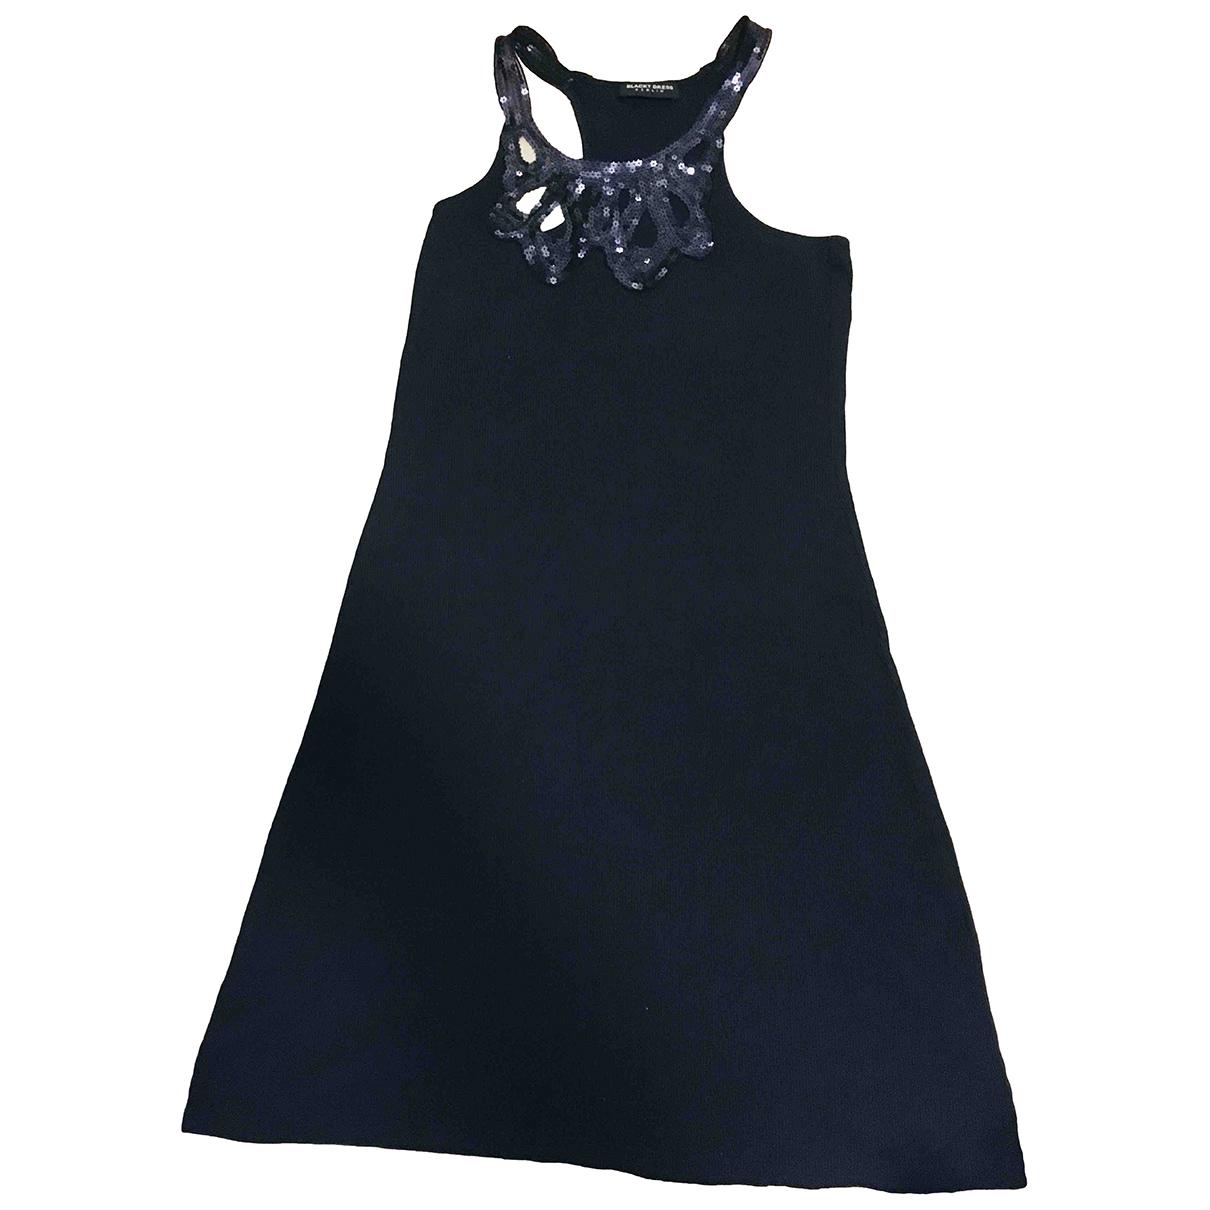 Blacky Dress Berlin N Blue dress for Women 10 UK